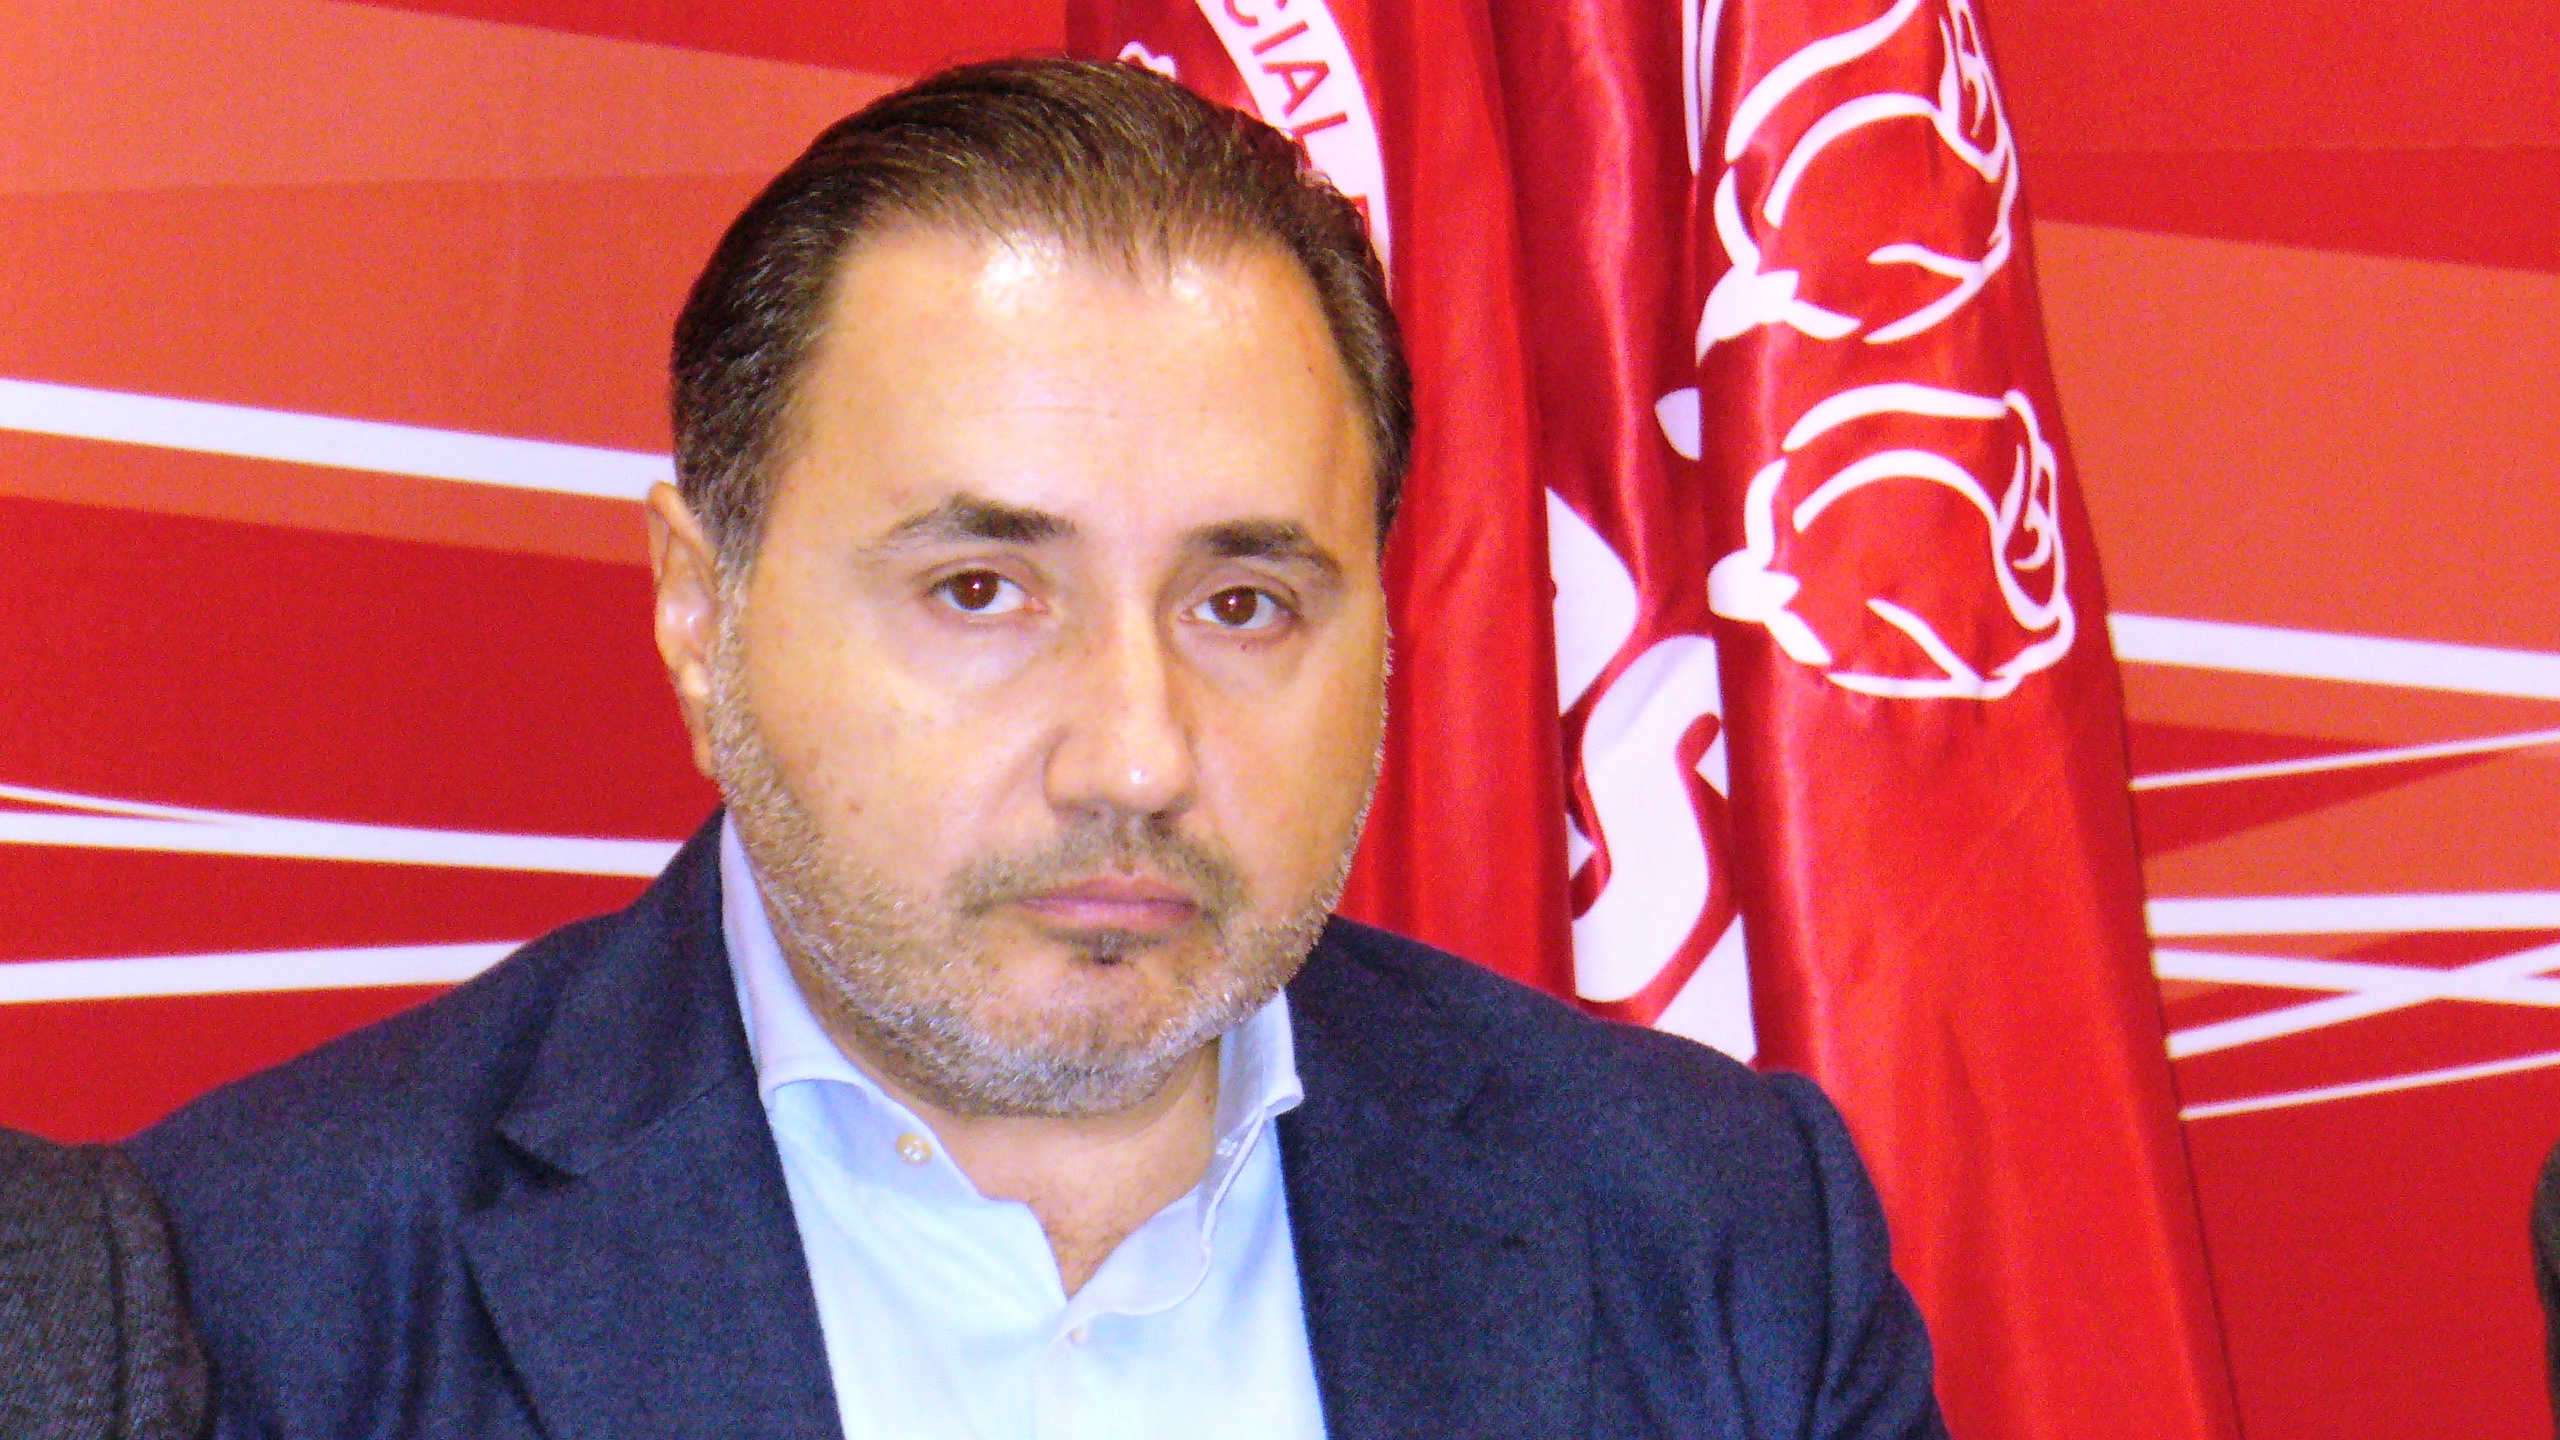 Deputatul PSD e cercetat penal pentru trafic de influenţă